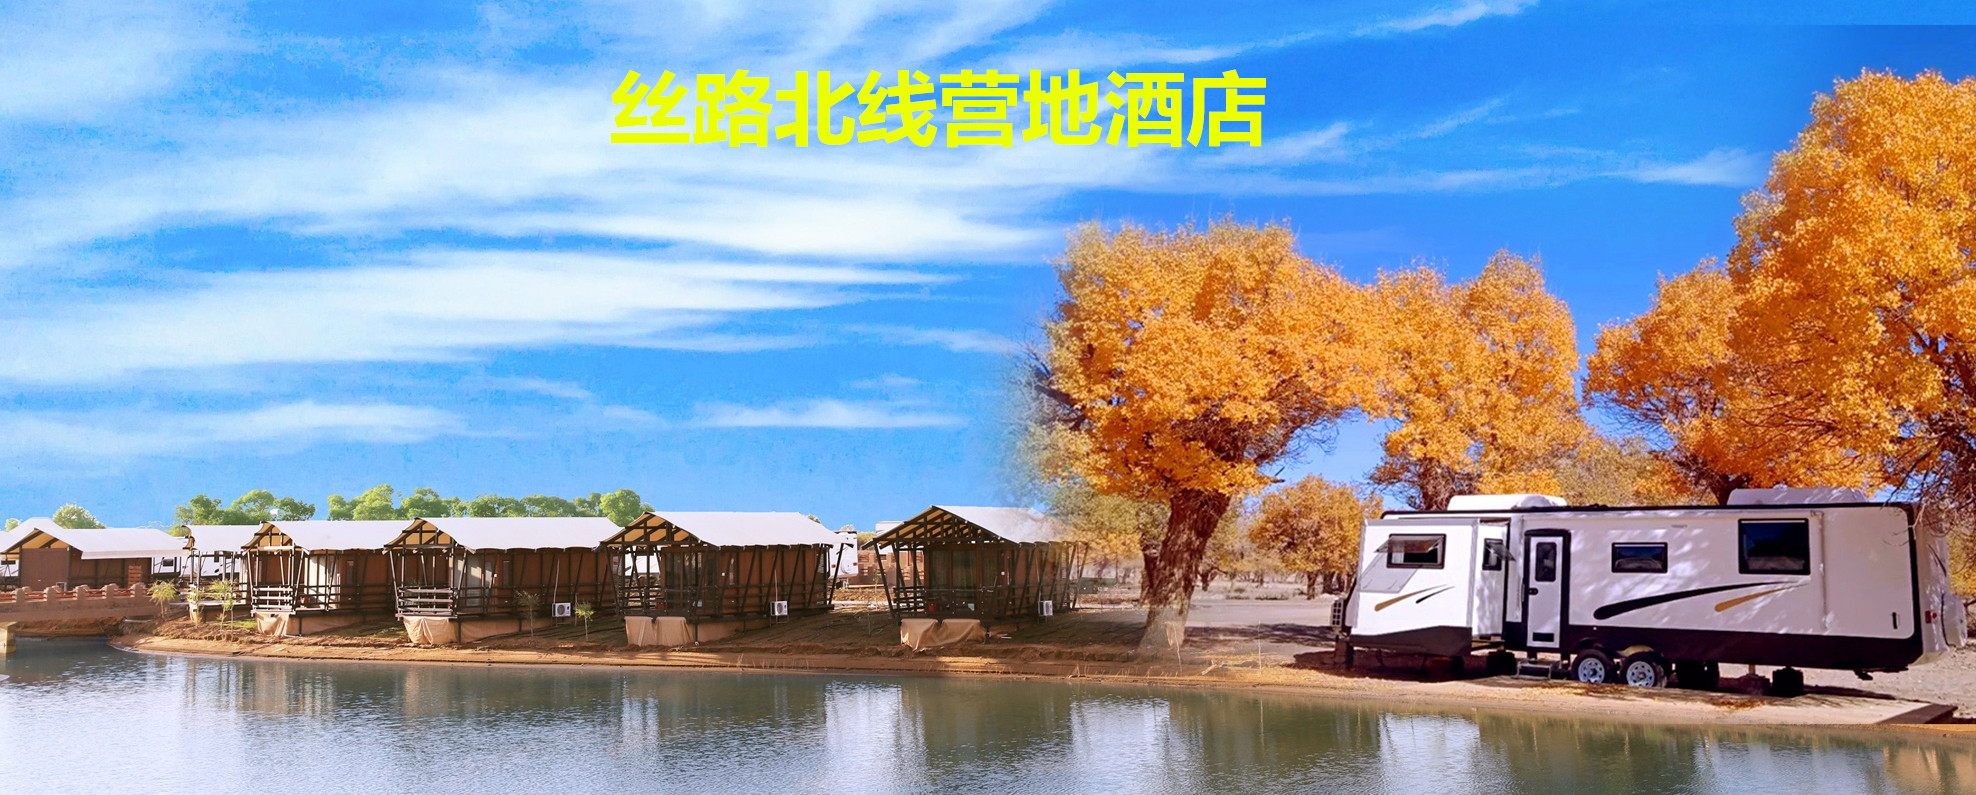 木屋房車_看圖王